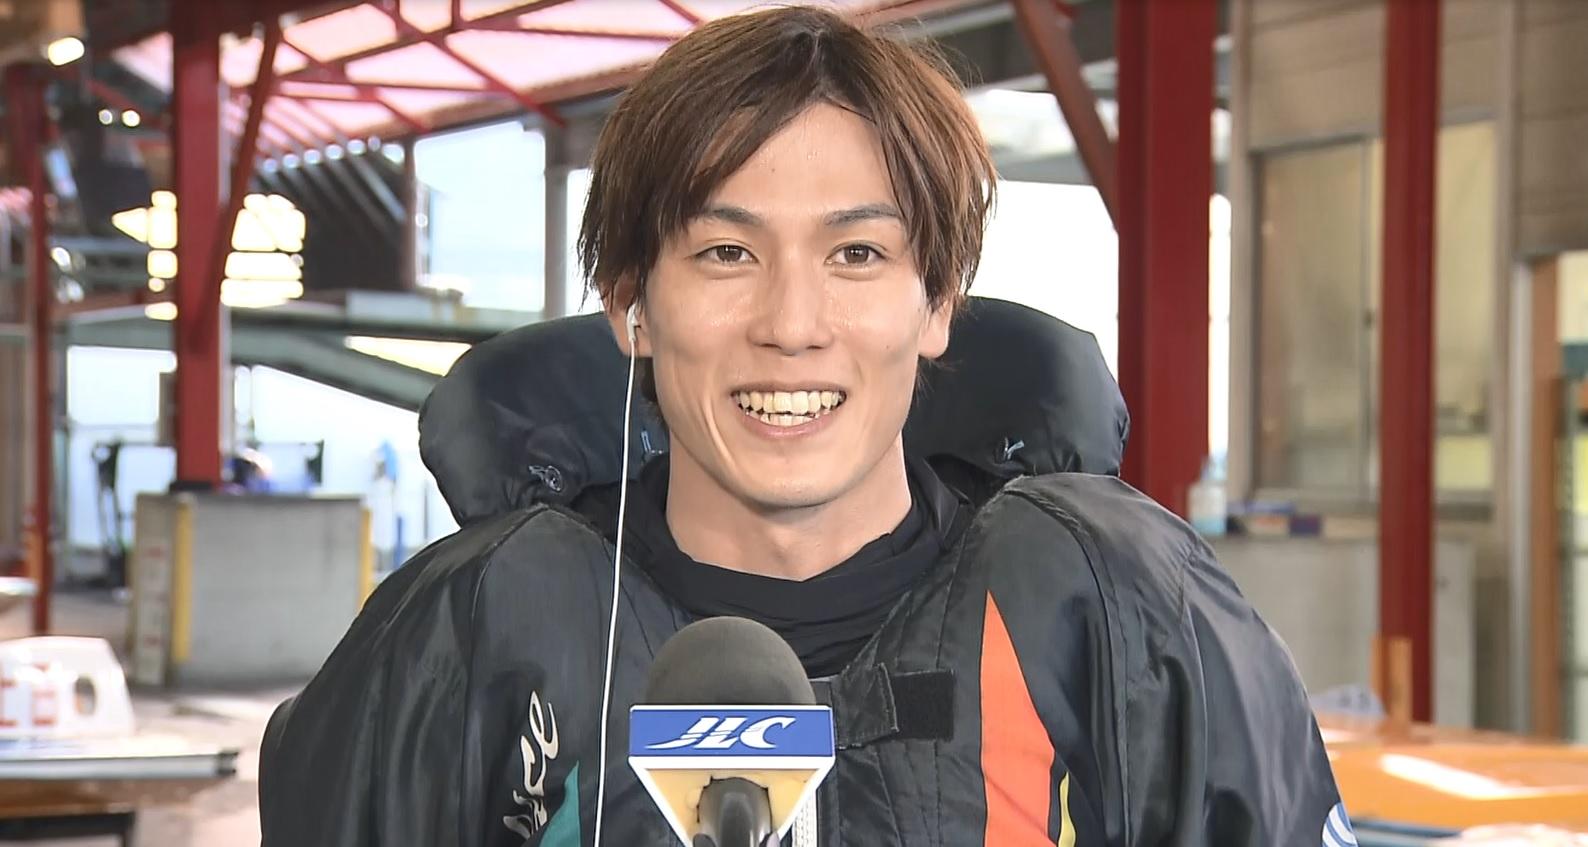 永井彪也 ヤングダービーへの優先出場権獲得! GⅢイースタンヤング優勝インタビュー|ボートレース公式